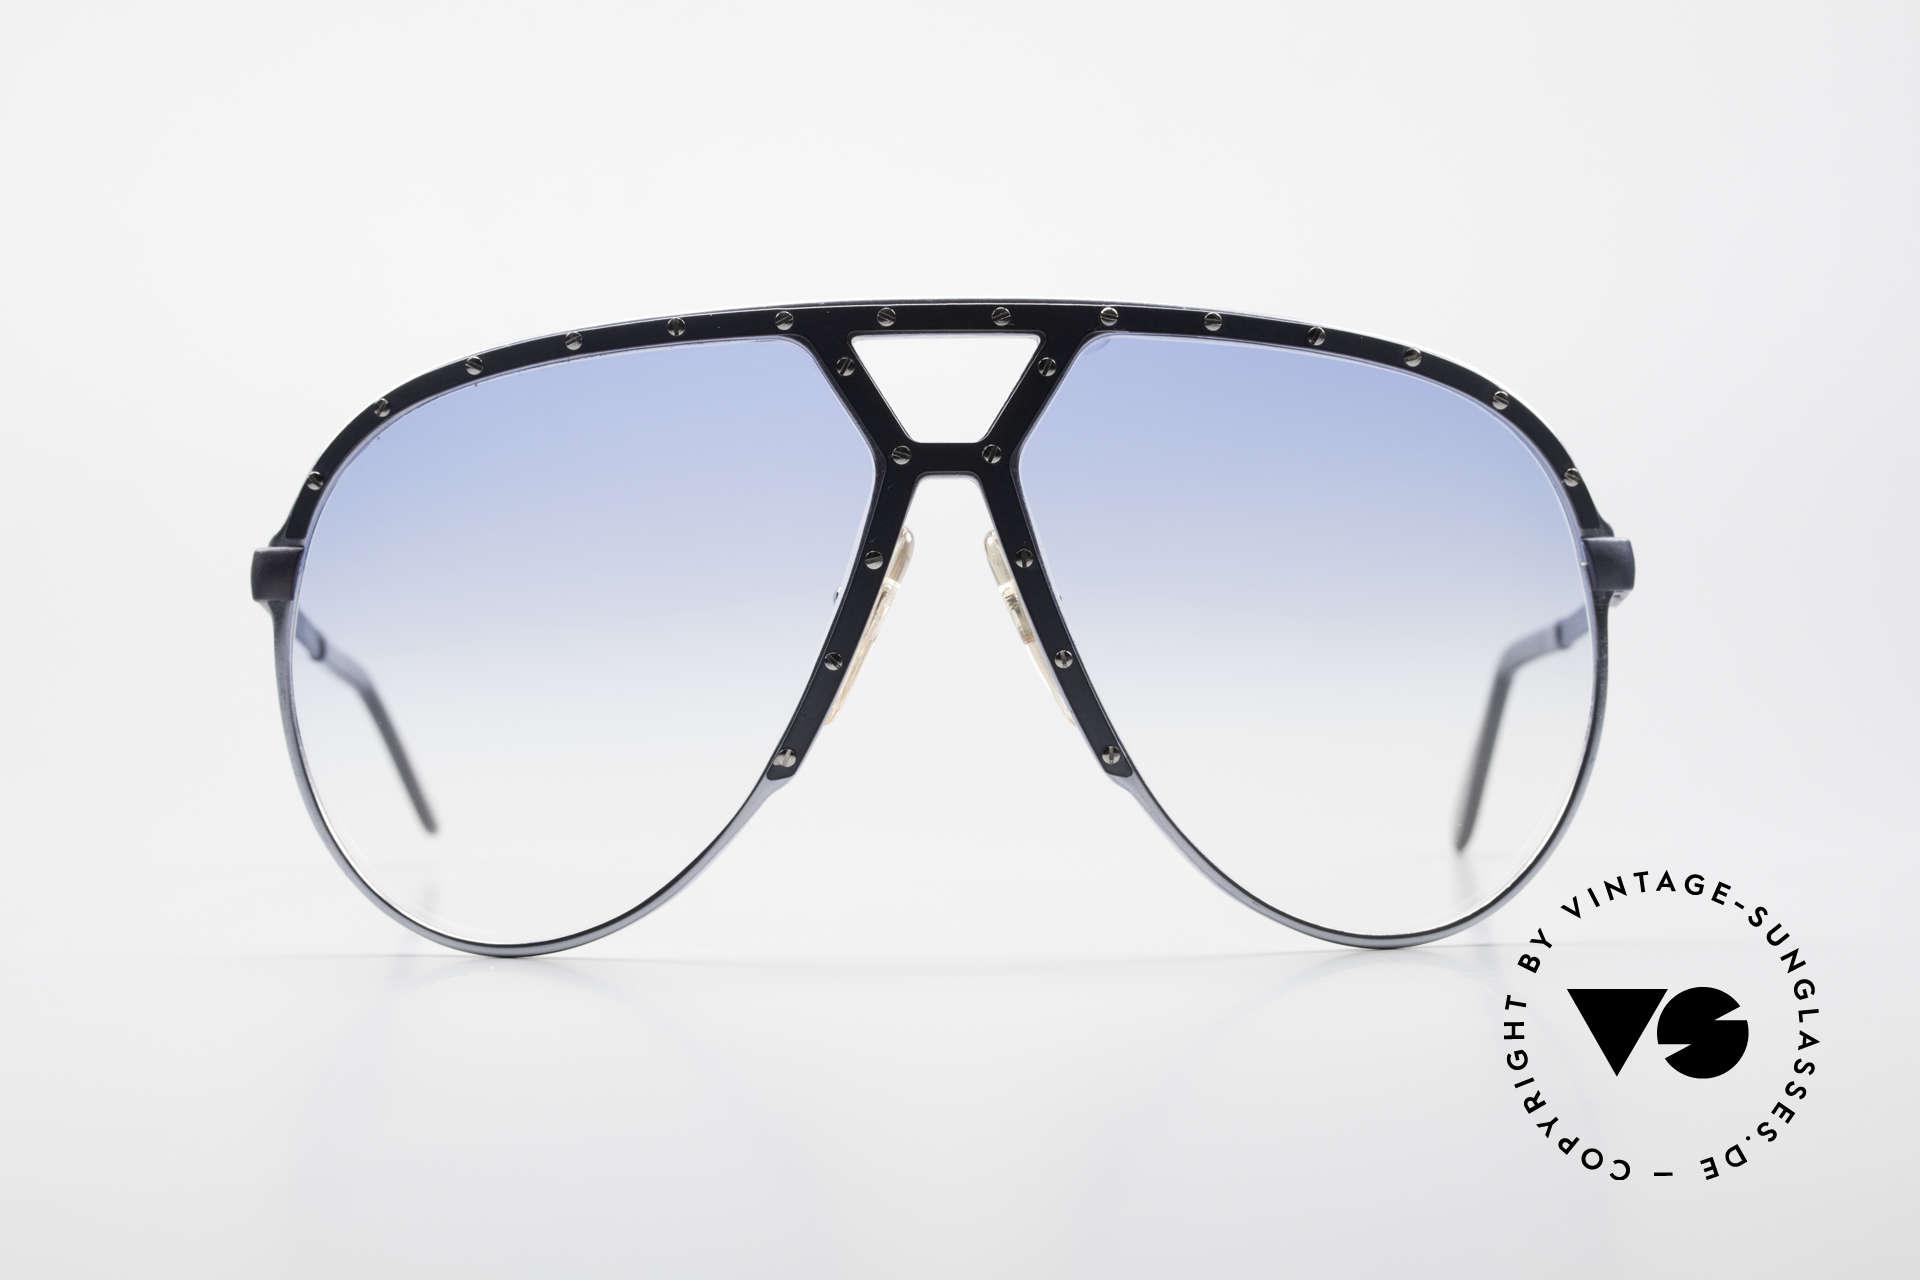 Alpina M1 Erste 80er Generation Brille, eine M1 Rarität von 1981 in BLAU-GRAU metallic, Passend für Herren